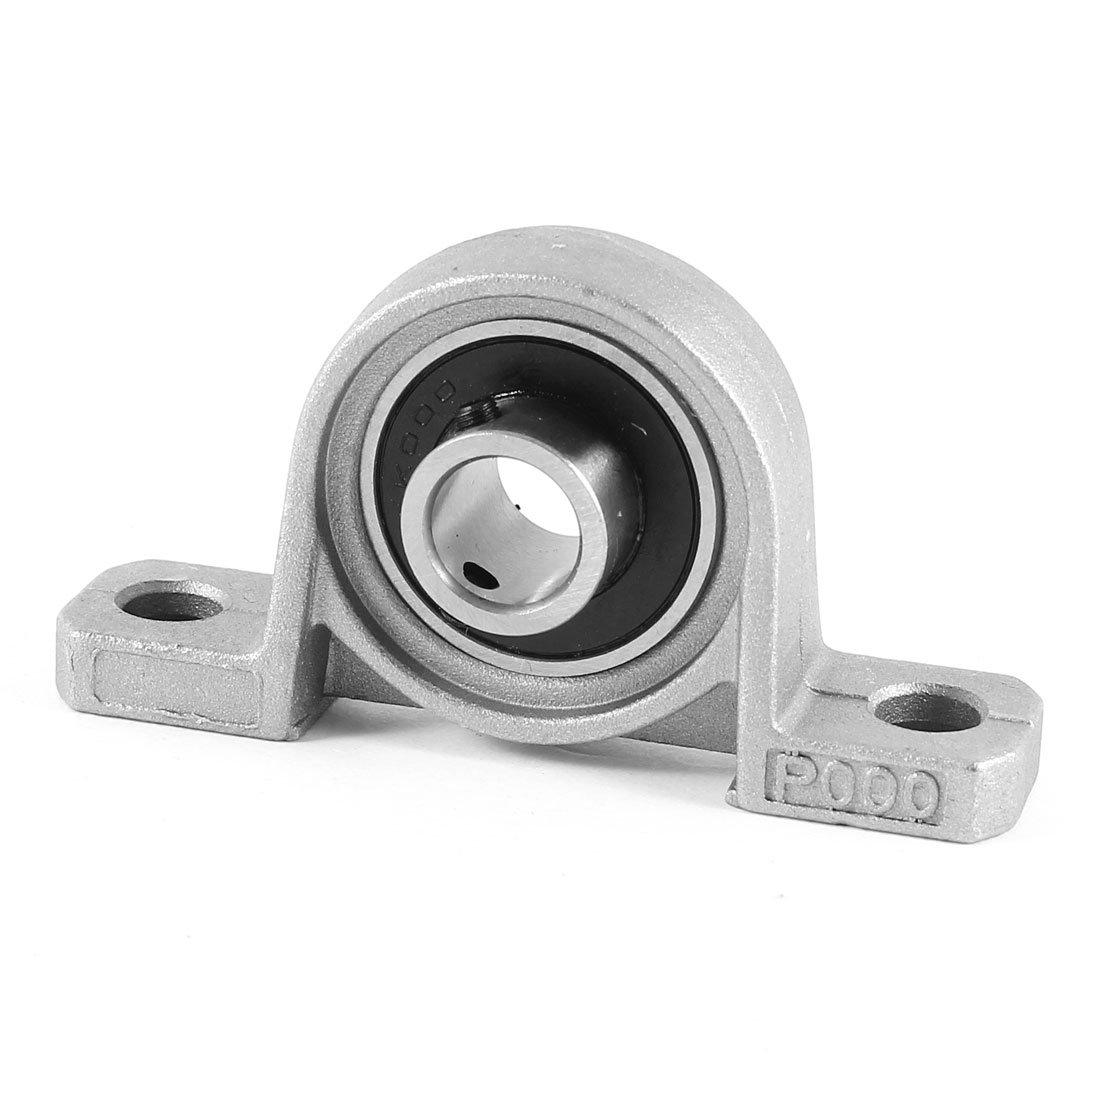 sourcing map KP000 Pillow Block Housing Ball Bearing 10mm Inner Diameter Iron Alloy US-SA-AJD-58415